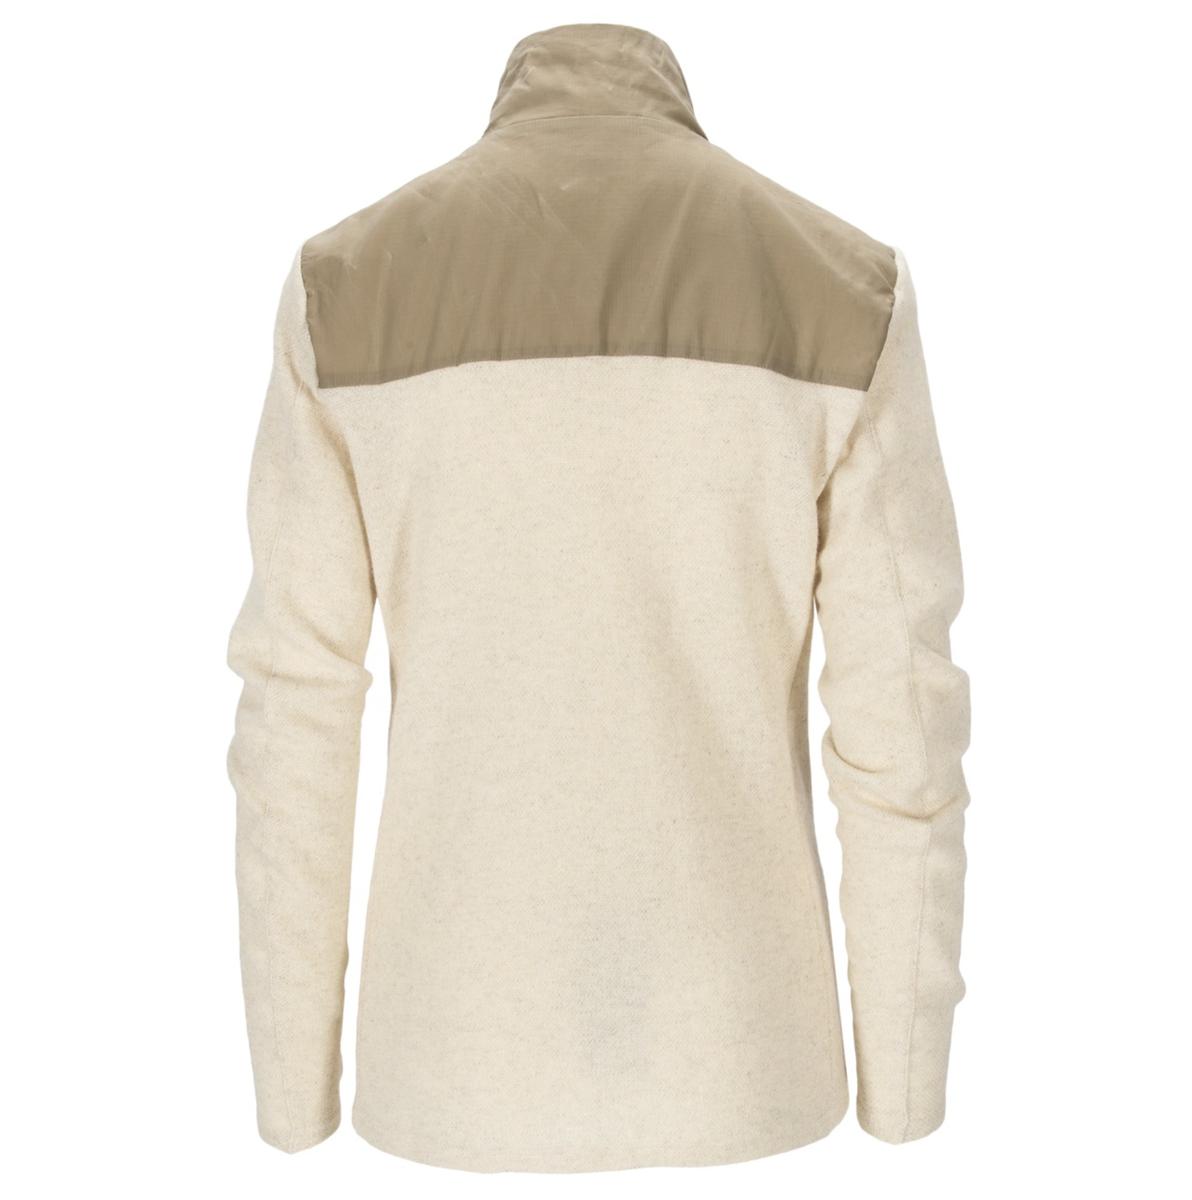 Bilde av Skauen Wool Sweater Womens WAN58.2.633 Warm Sand